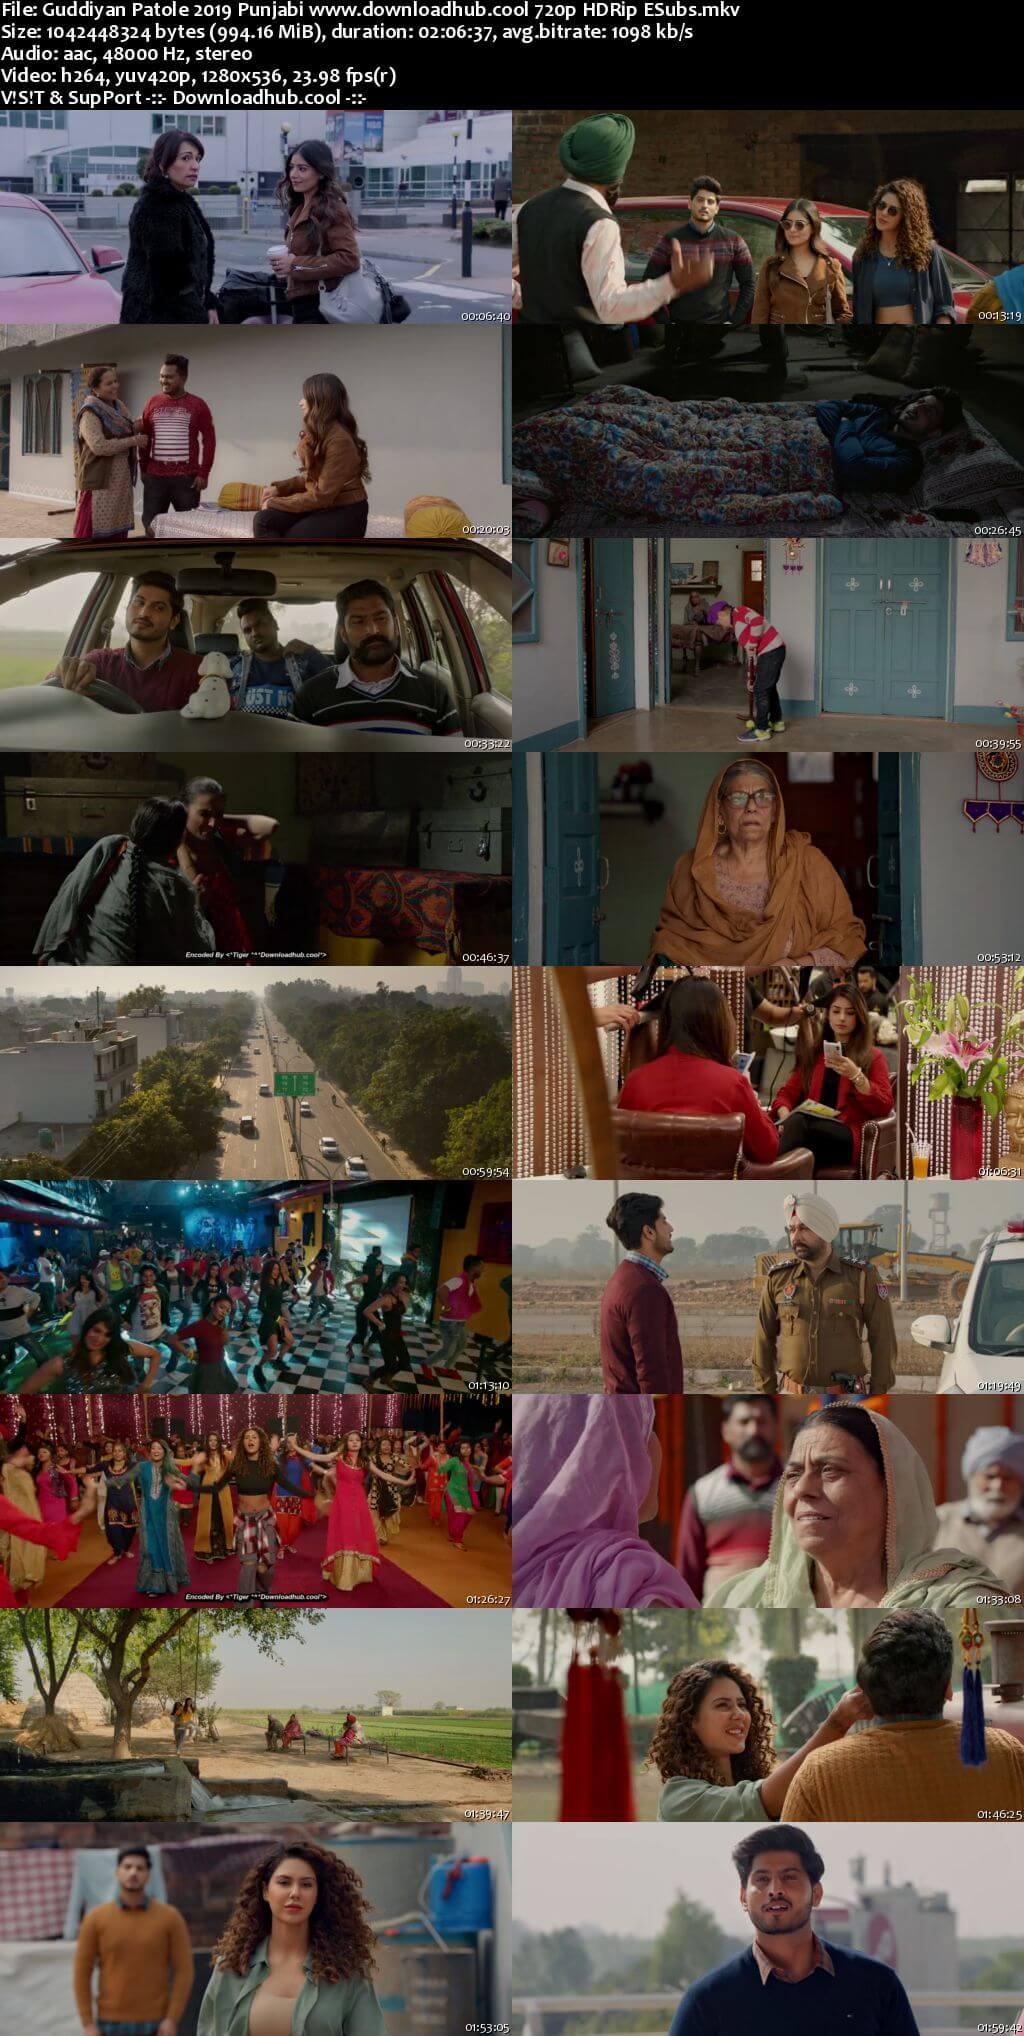 Guddiyan Patole 2019 Punjabi 720p HDRip ESubs